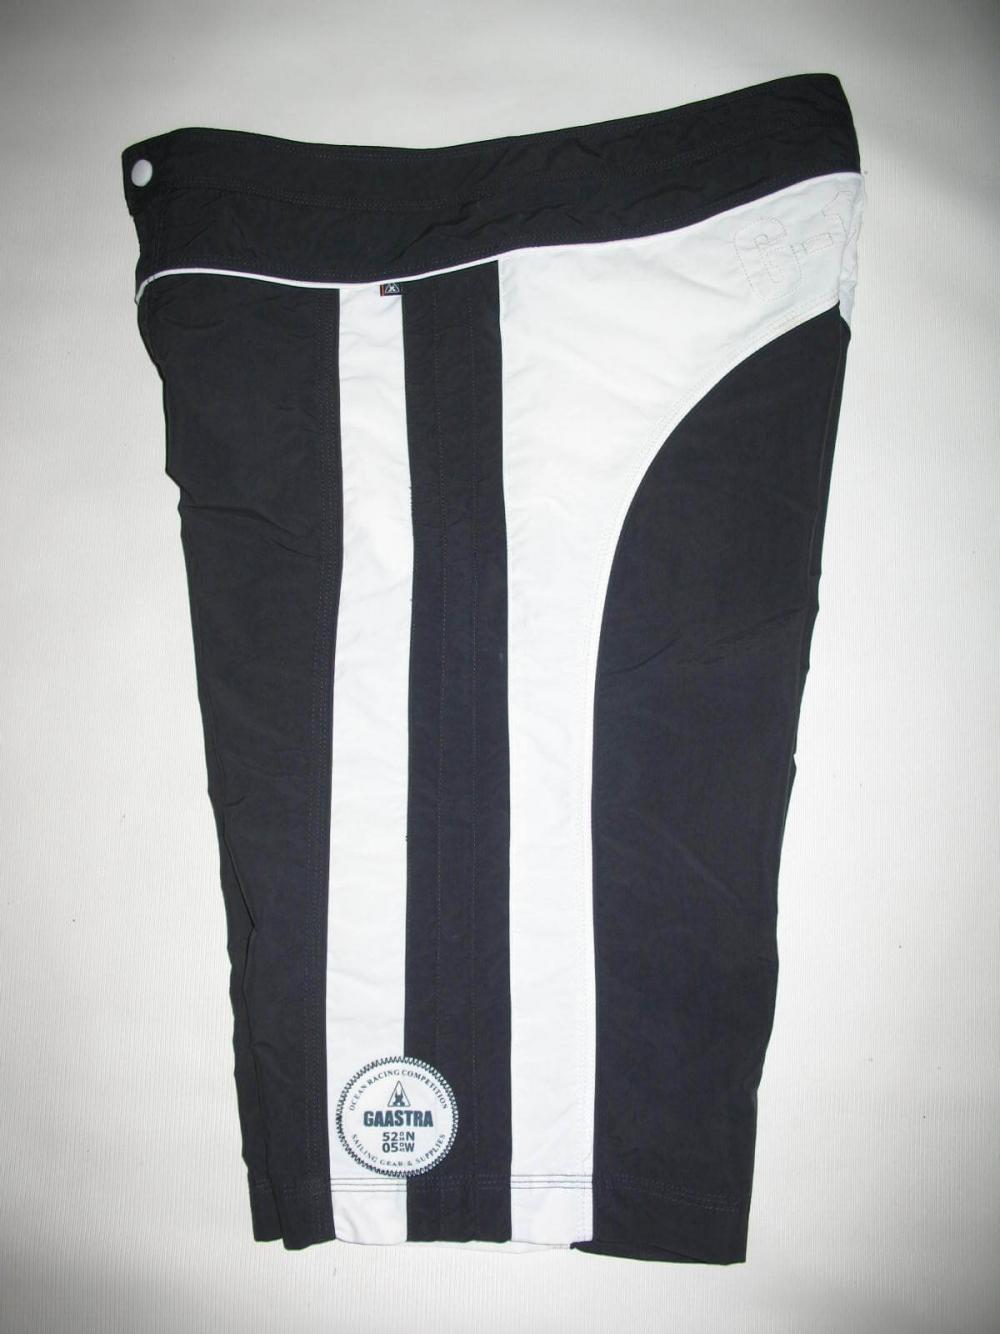 Шорты GAASTRA sailing shorts (размер М) - 3